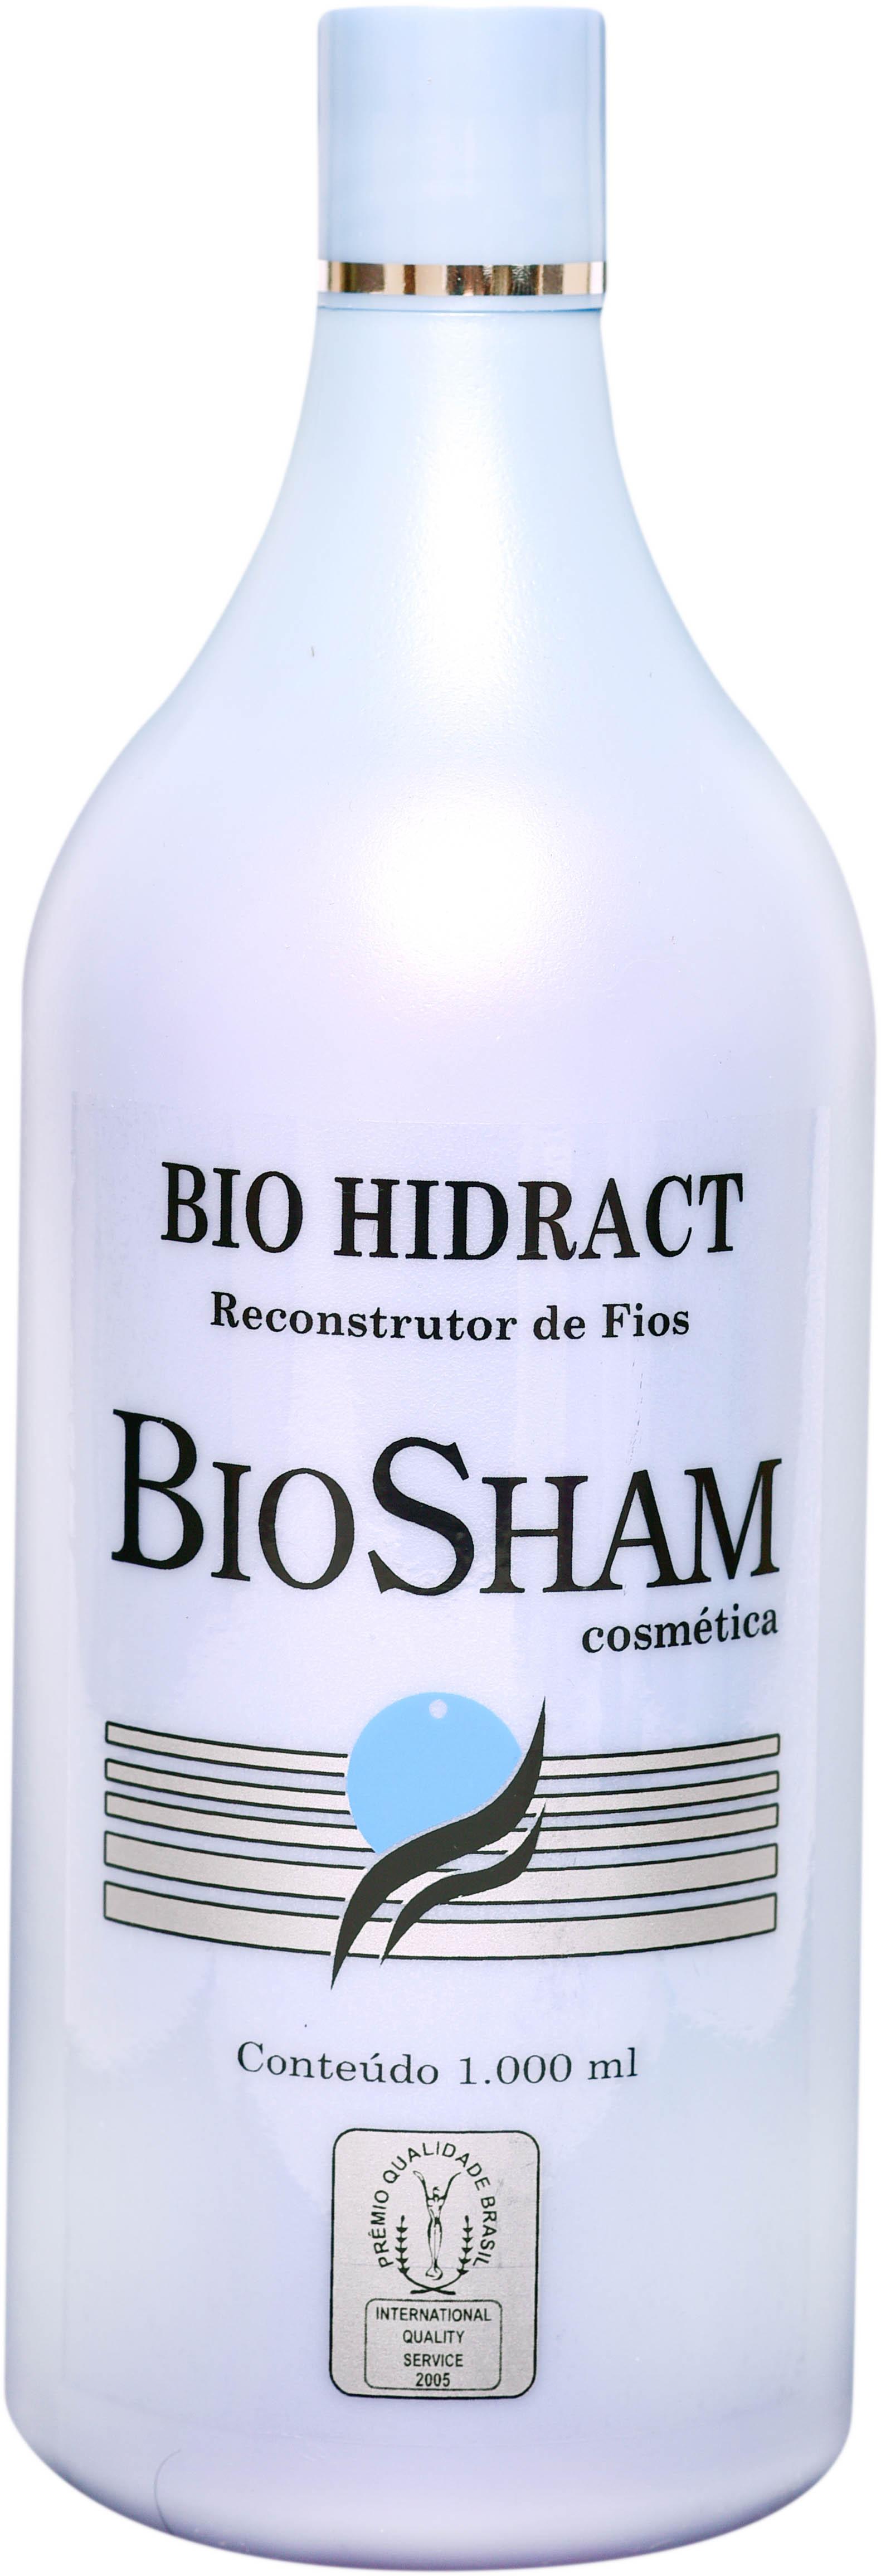 Bio Hidract